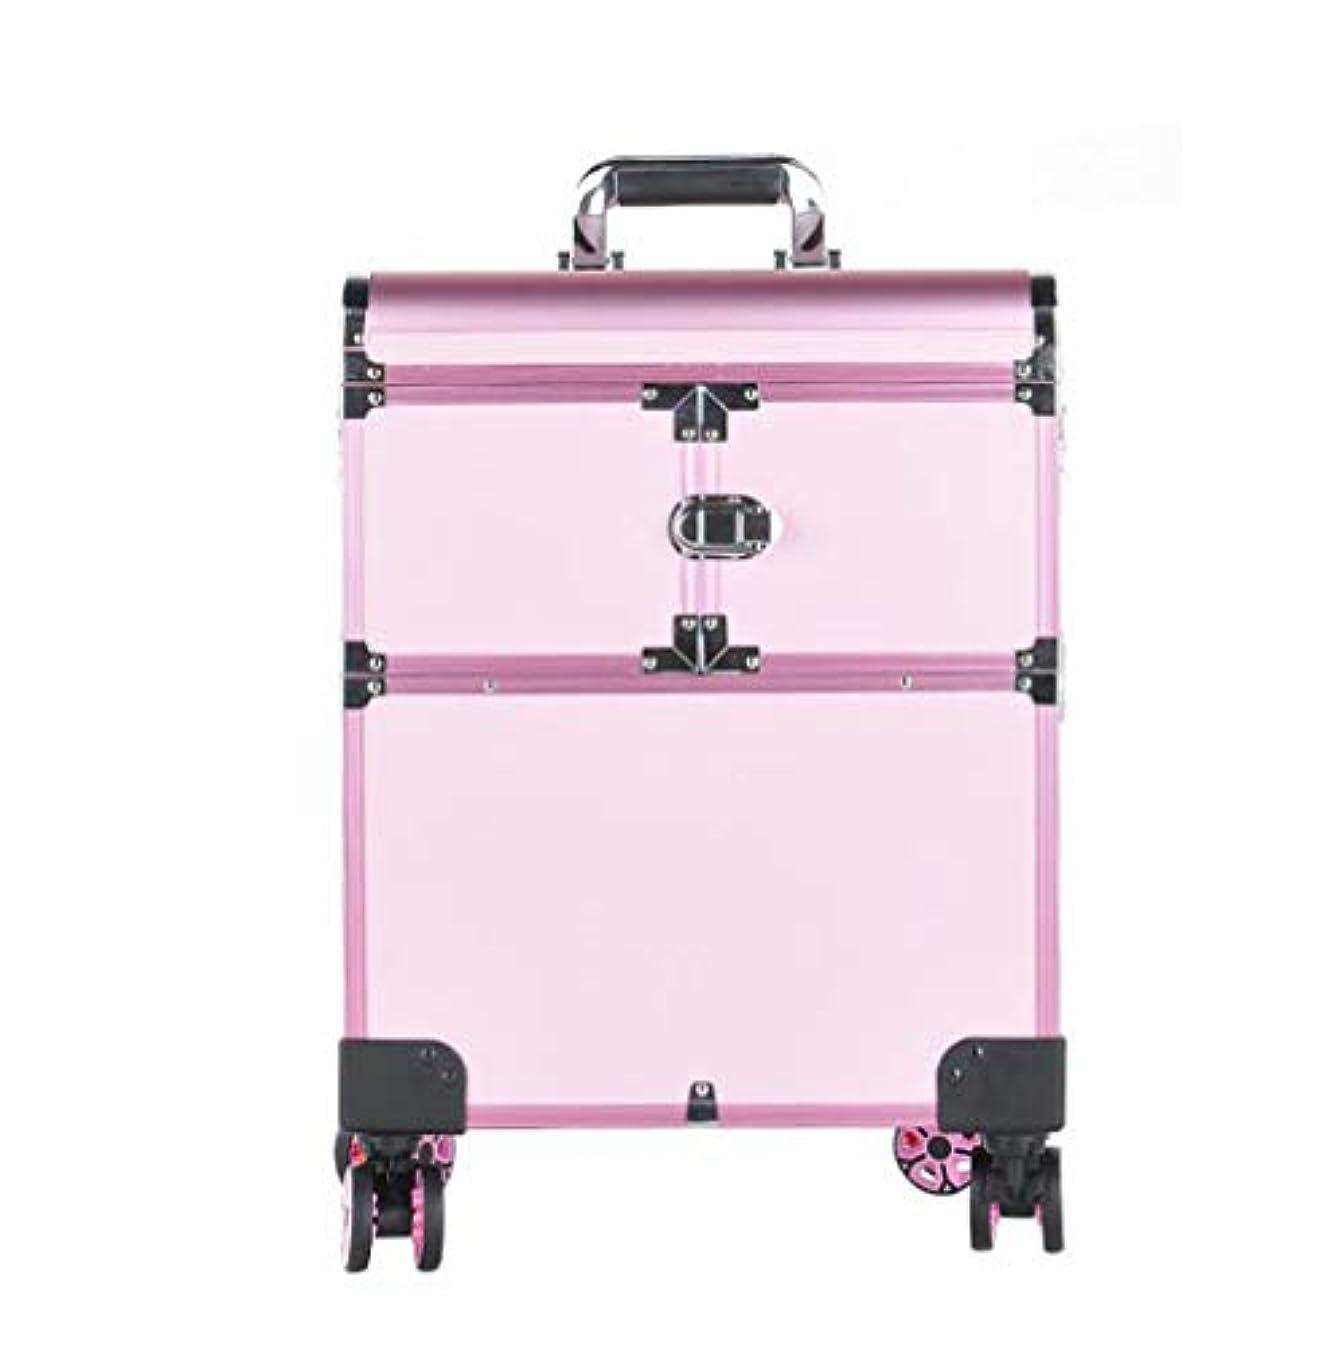 宿泊開いた連帯BUMC 特大化粧列車化粧トロリーケース、多層大容量プロフェッショナル化粧品ポータブルレバーオーガナイザー収納ビューティーボックス,Pink